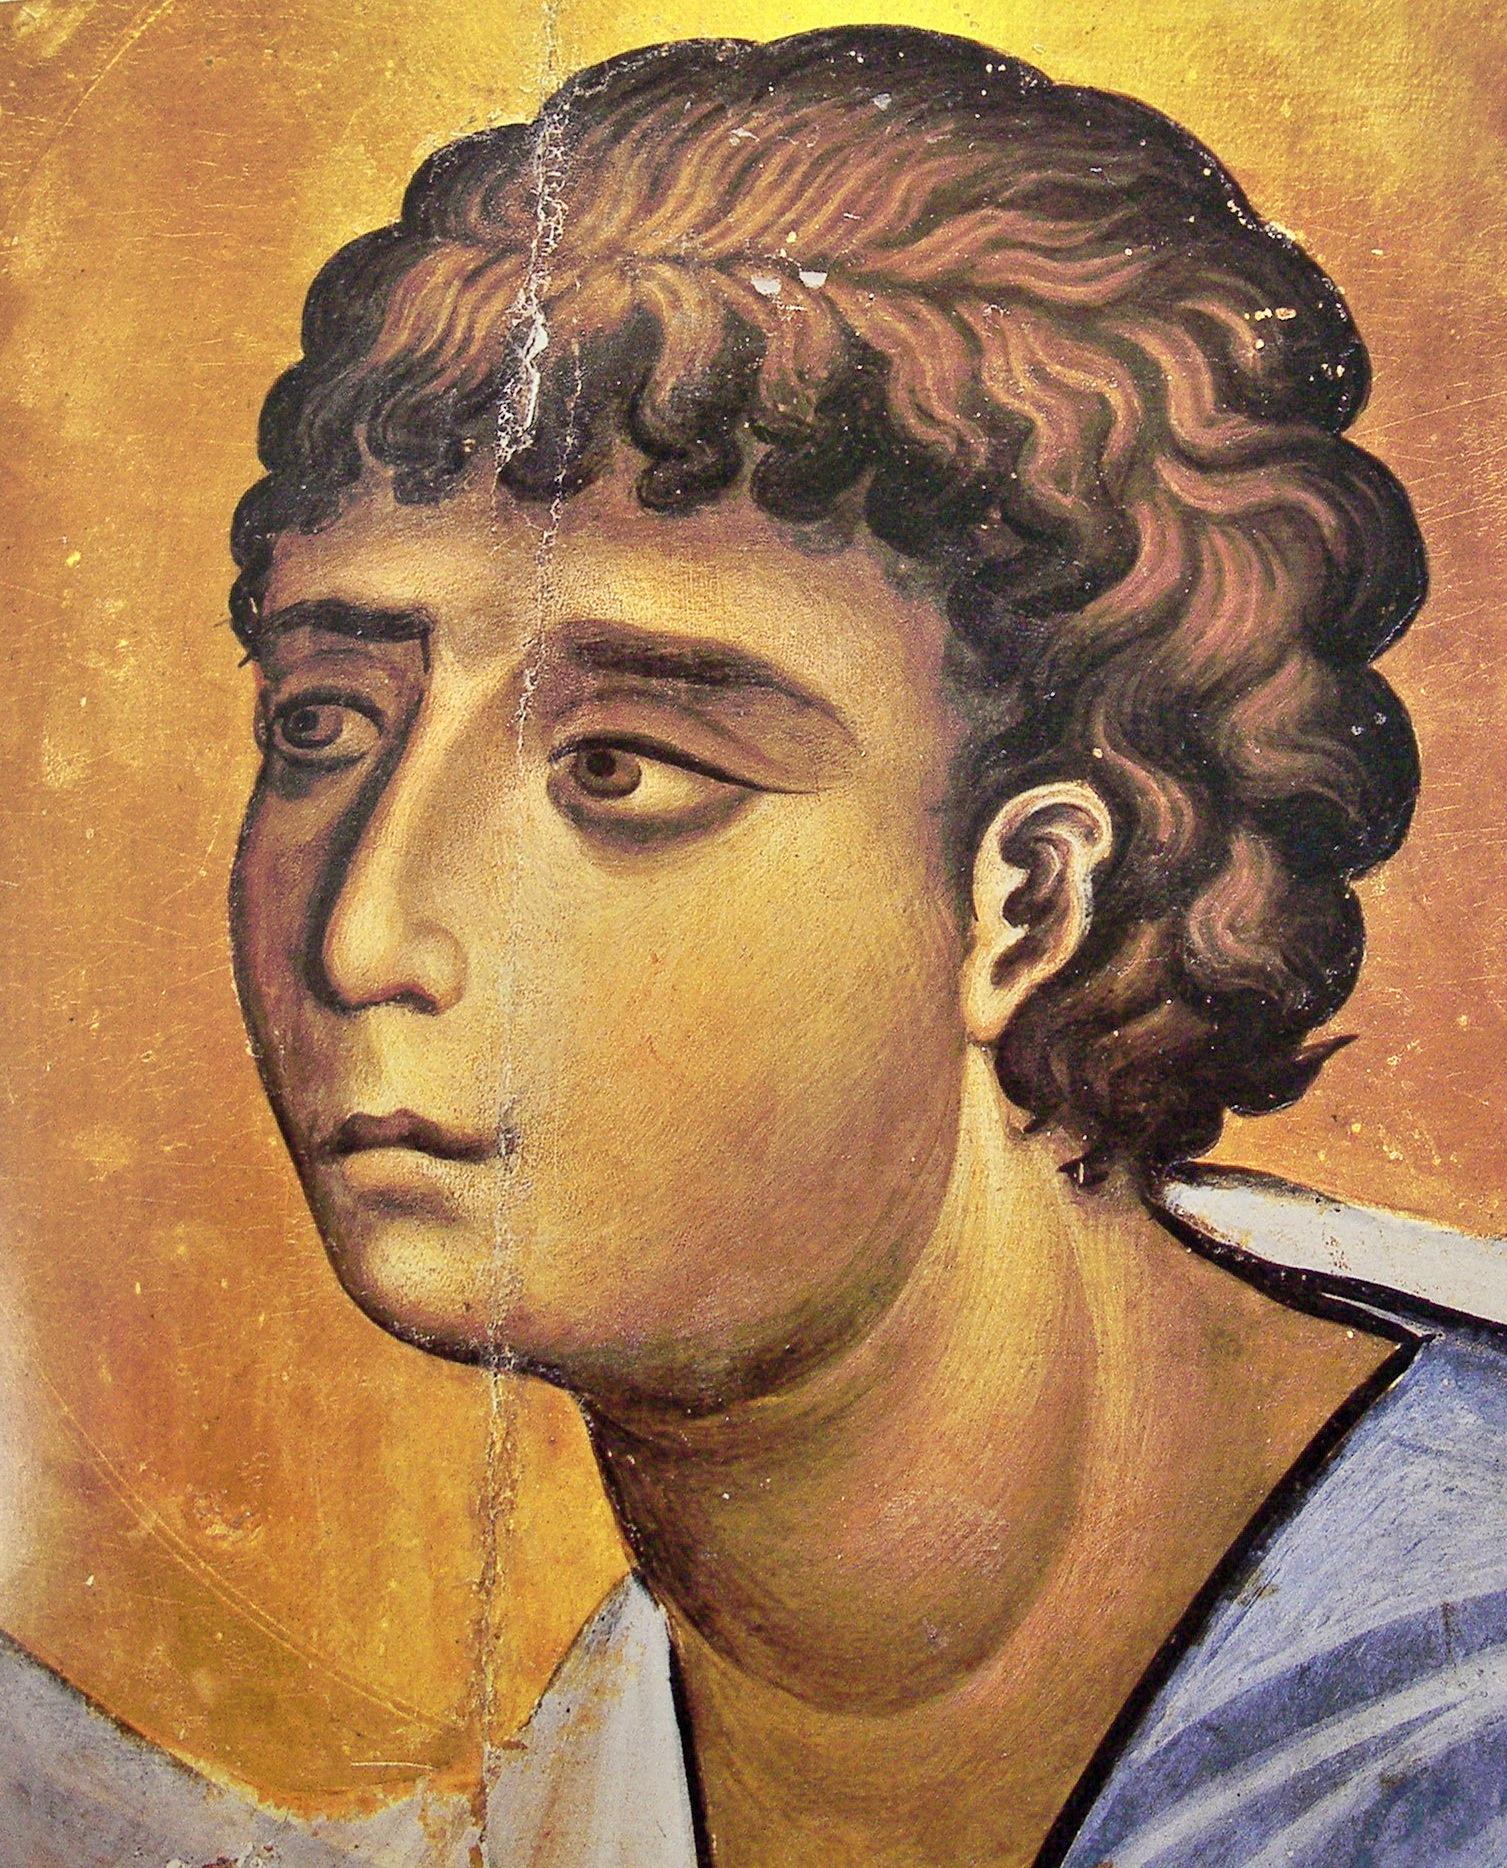 Святой Пророк Моисей. Икона. Вторая половина XI века. Монастырь Св. Екатерины на Синае. Фрагмент.